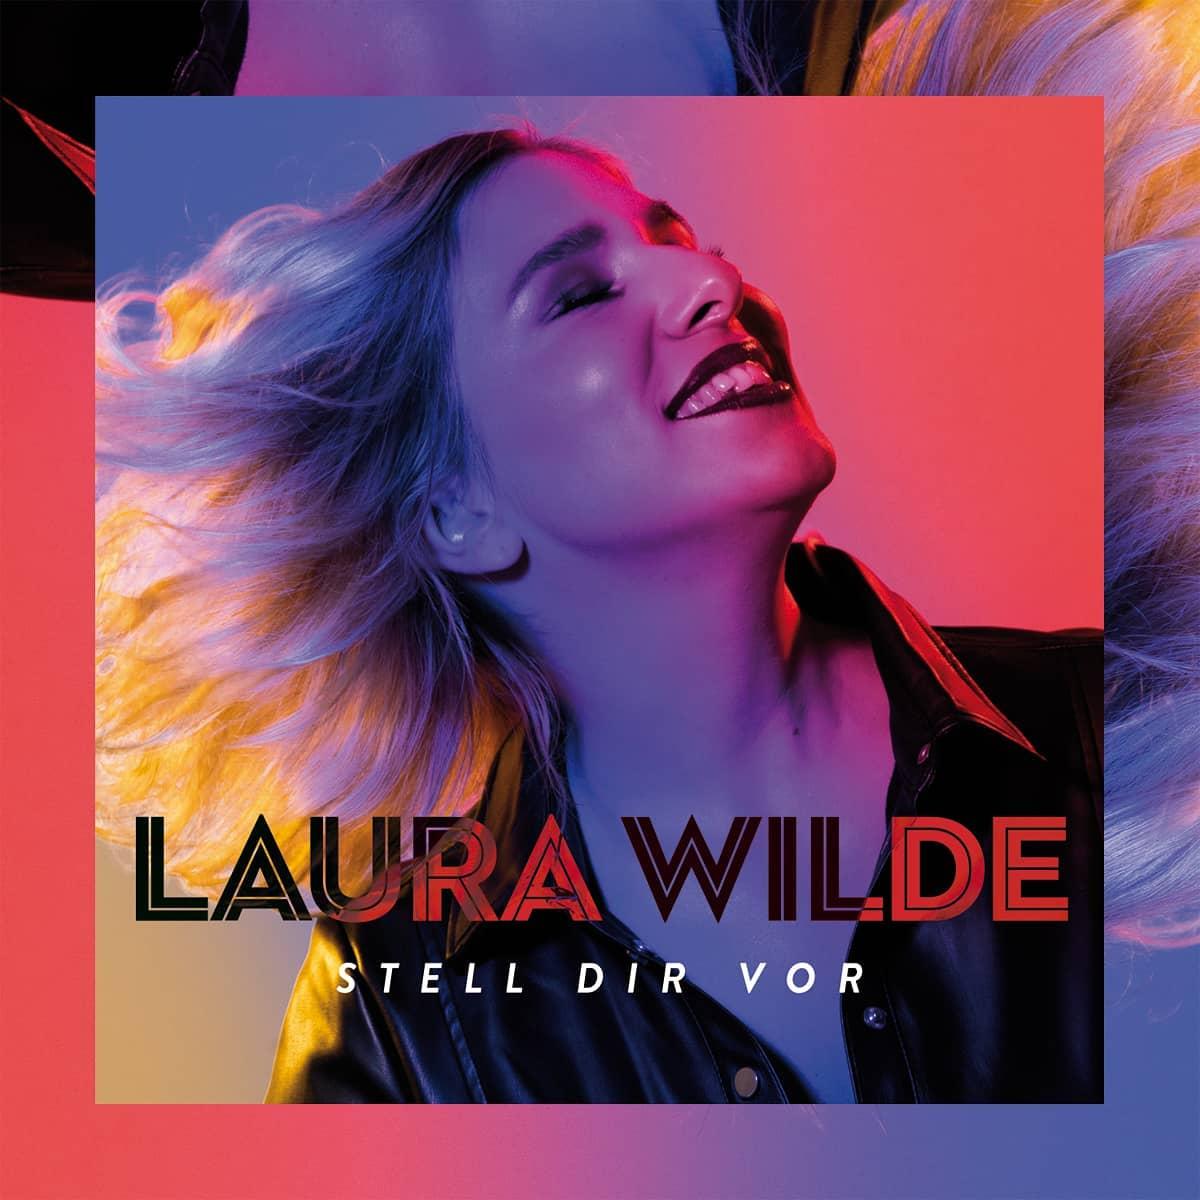 Laura Wilde - Stell dir vor